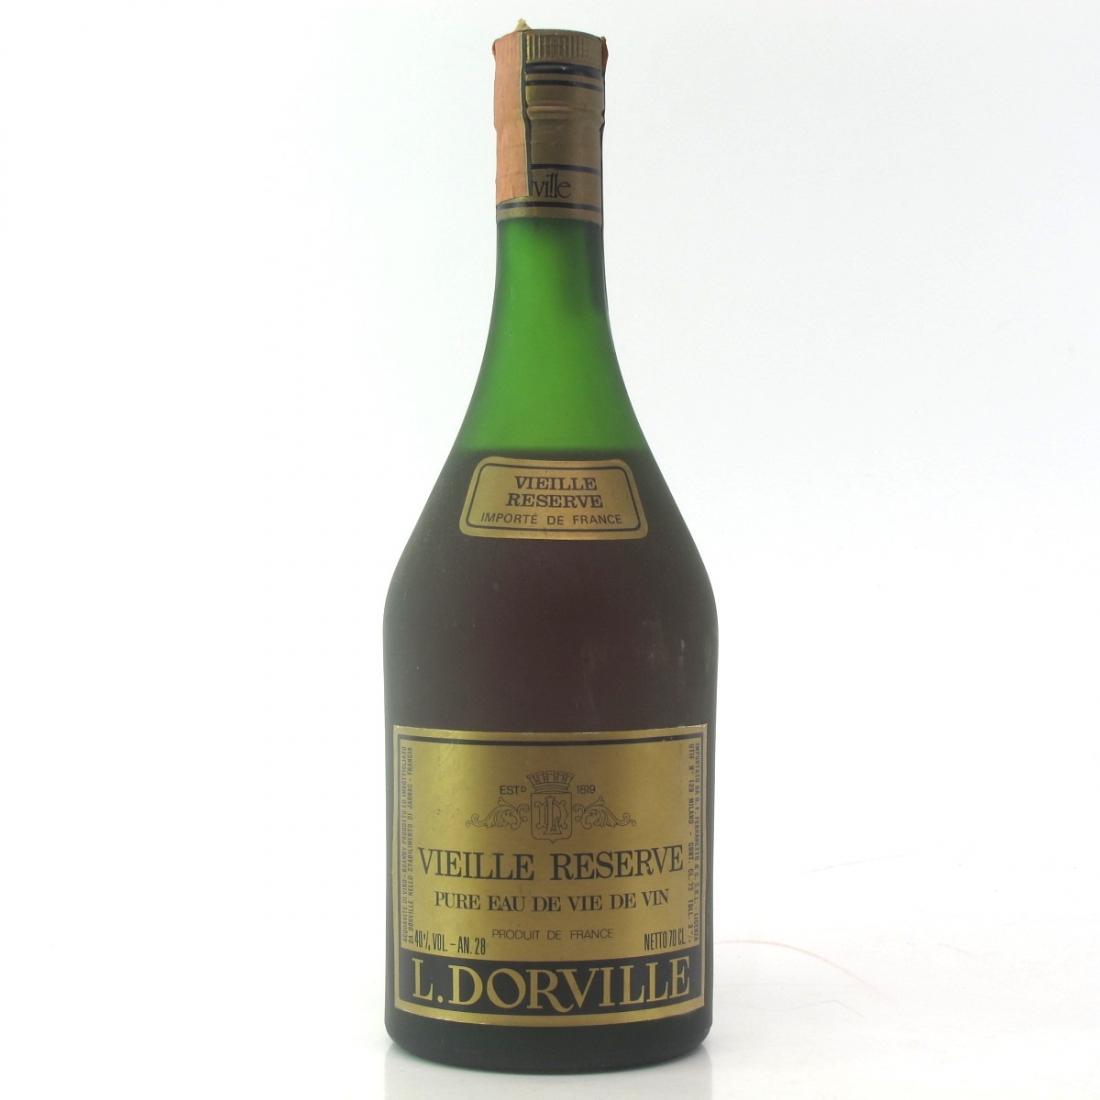 L Dorville Vielle Reserve 1980s